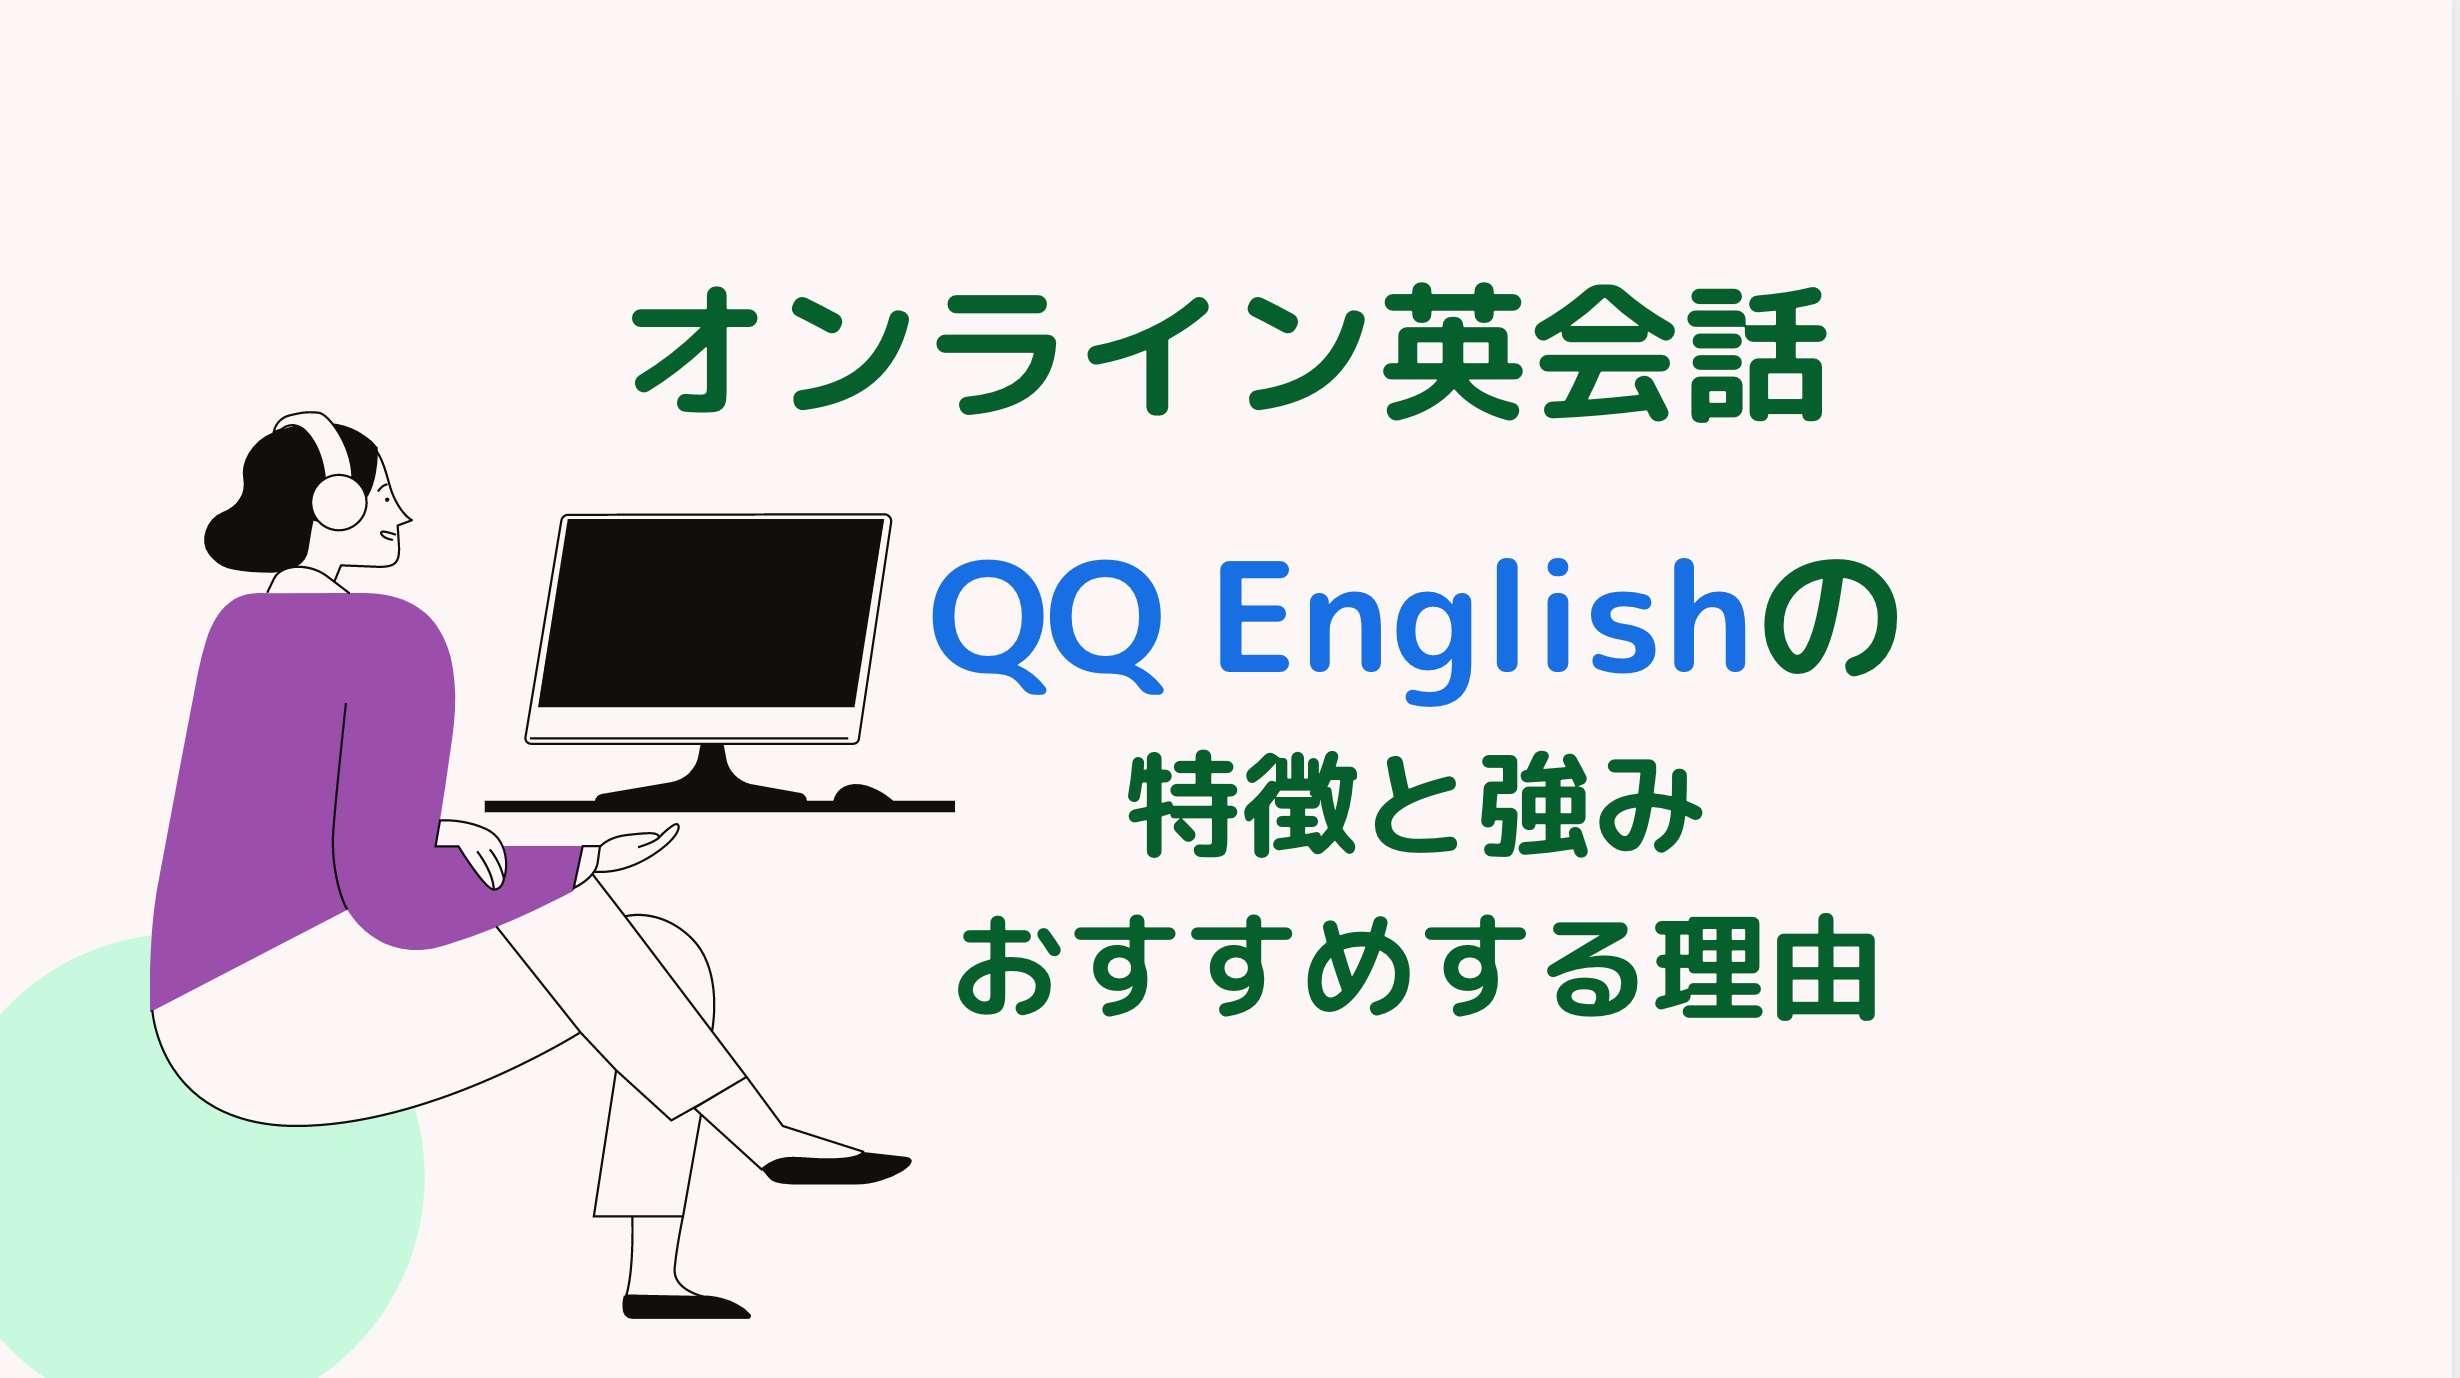 QQEnglishはオンライン英会話としてカランメソッドを取り入れ講師の質も良いので初心者におすすめです